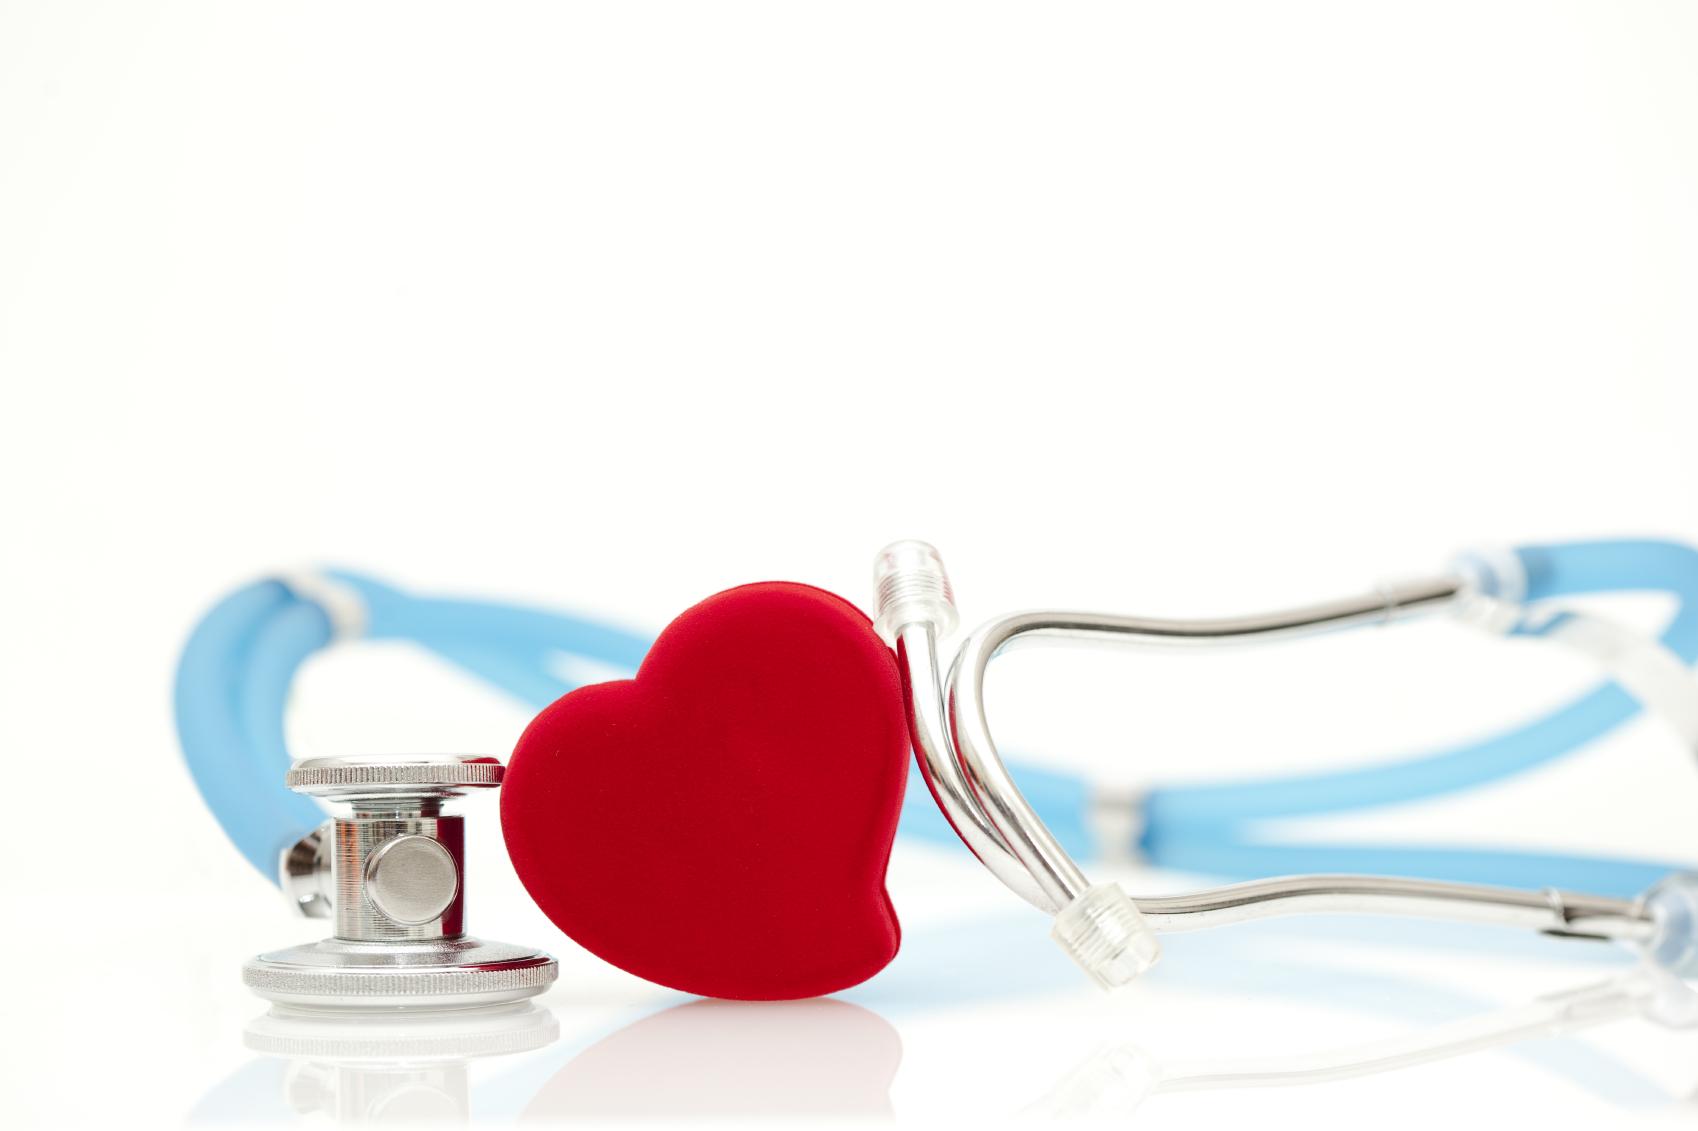 Ipertensione: cause e rimedi -Starbene